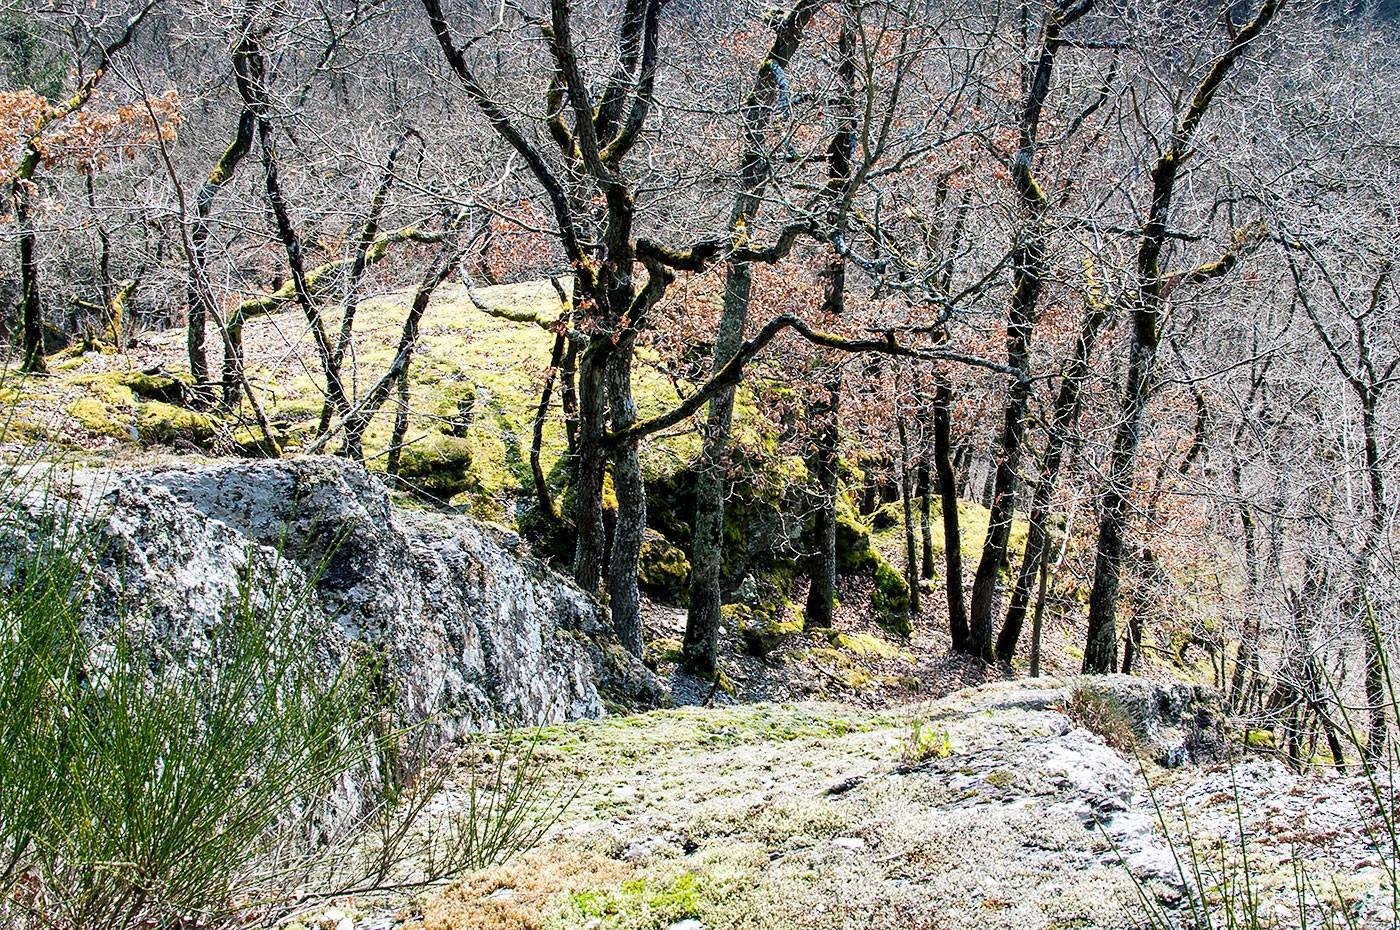 Klettersteig Ardennen : Klettersteigen mountain network